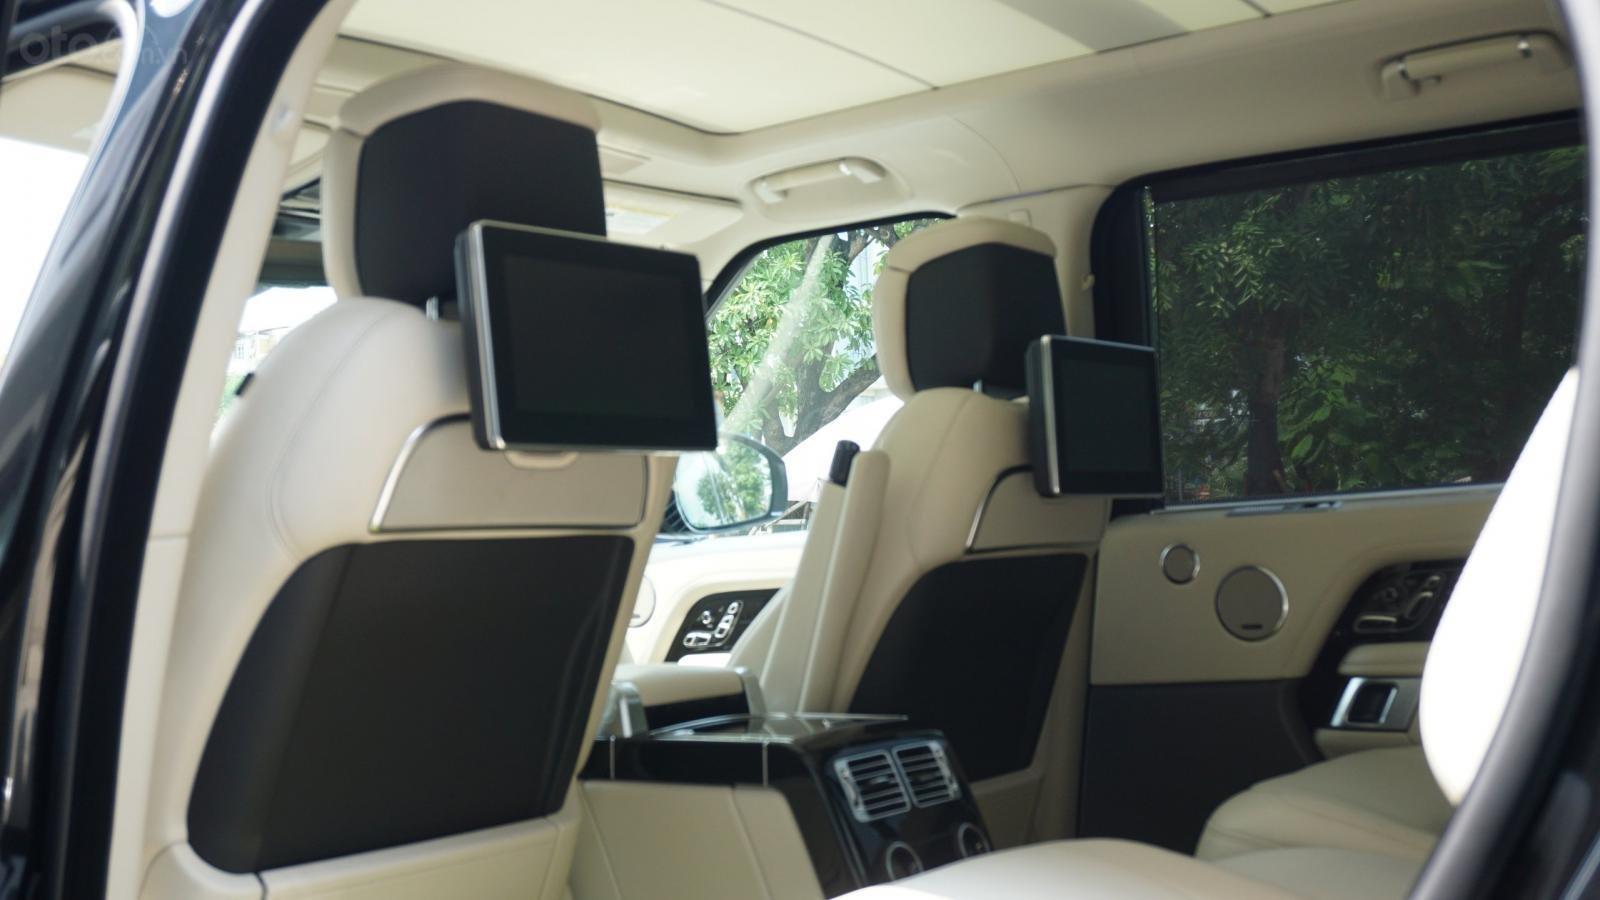 Range Rover Autobiography LWB 2020, Hồ Chí Minh, giá tốt giao xe ngay toàn quốc, LH trực tiếp 0844.177.222 (10)